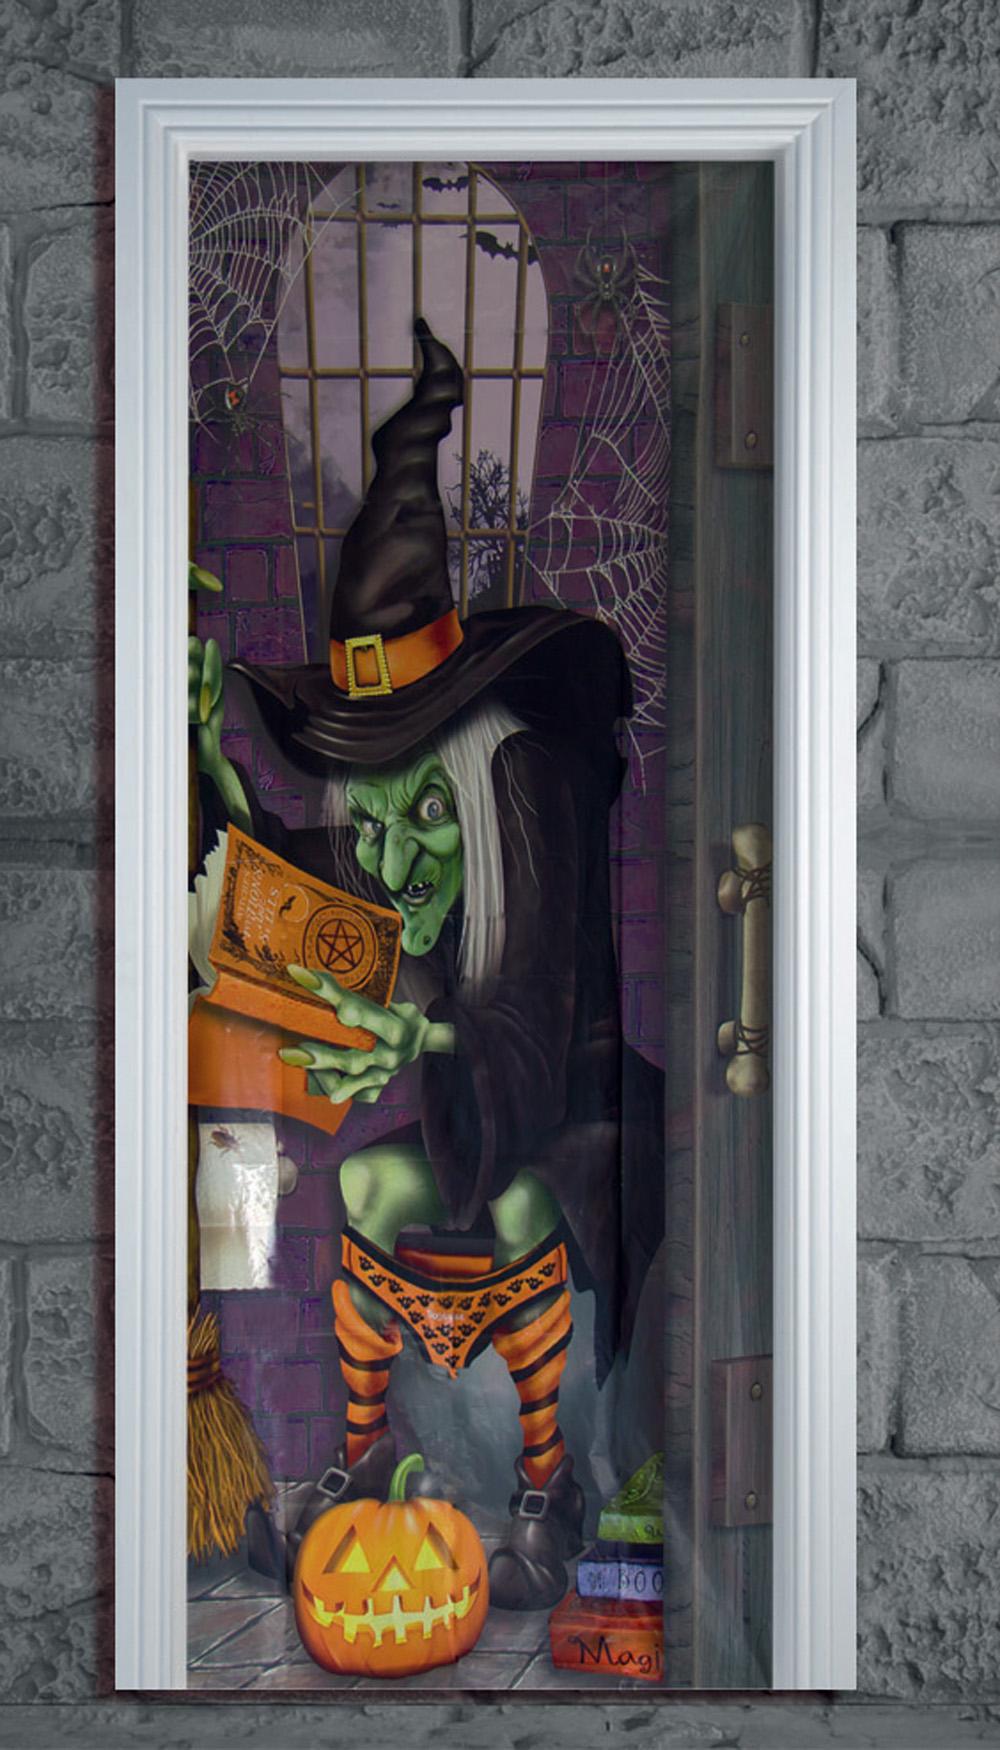 Halloween Toilet Bathroom Door Cover Poster Party